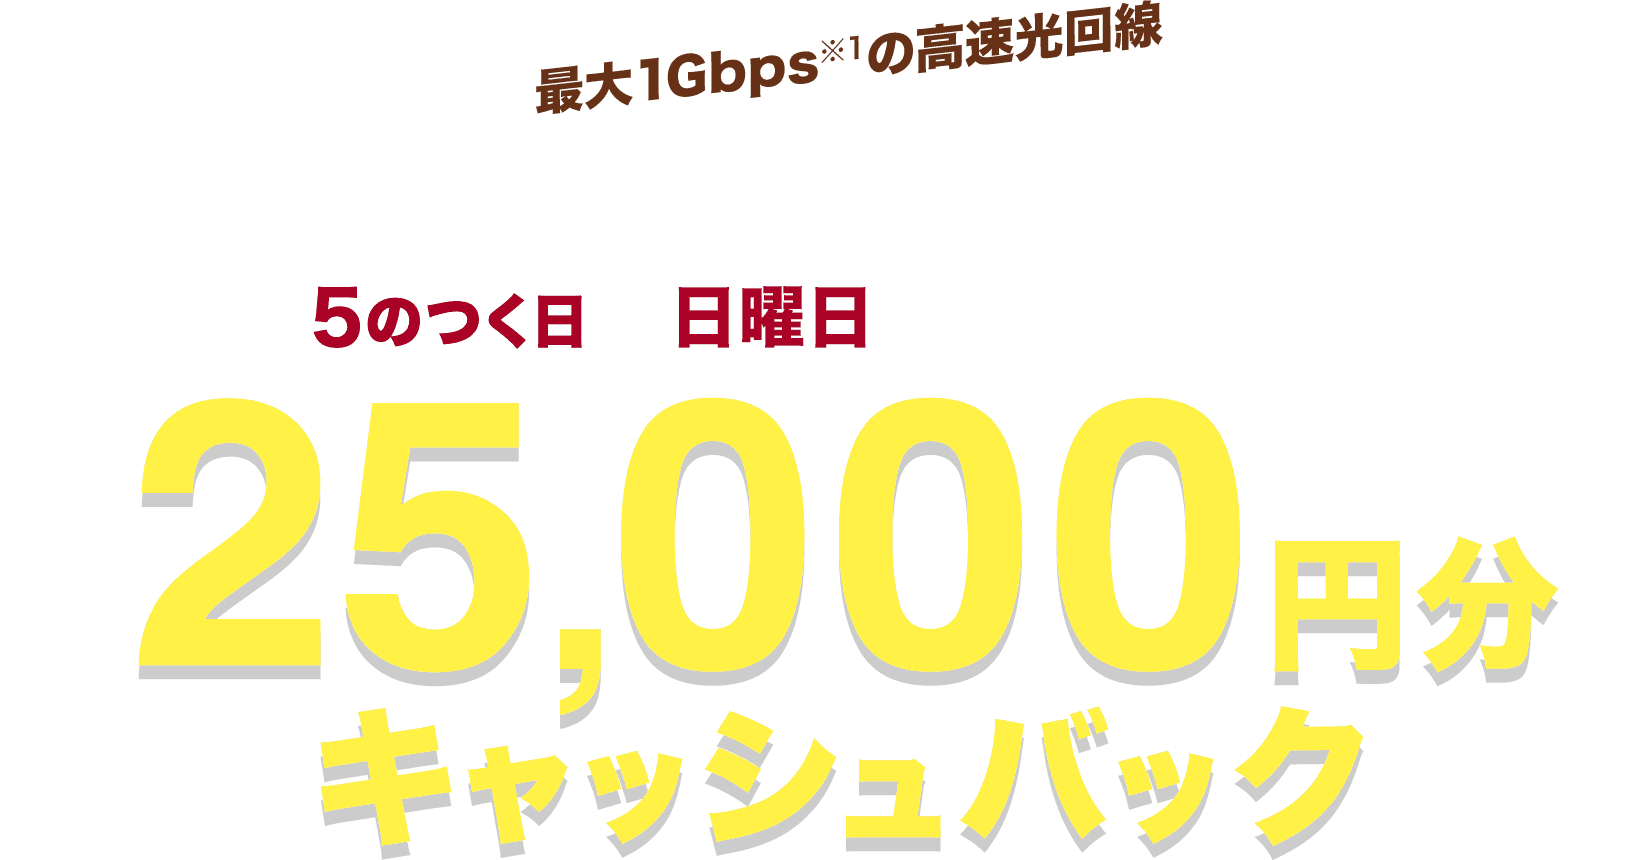 最大1Gbps※1の高速光回線 毎月5日・15日・25日・日曜日 5のつく日、日曜日にお申し込みで 25,000円分キャッシュバック(普通為替)※2